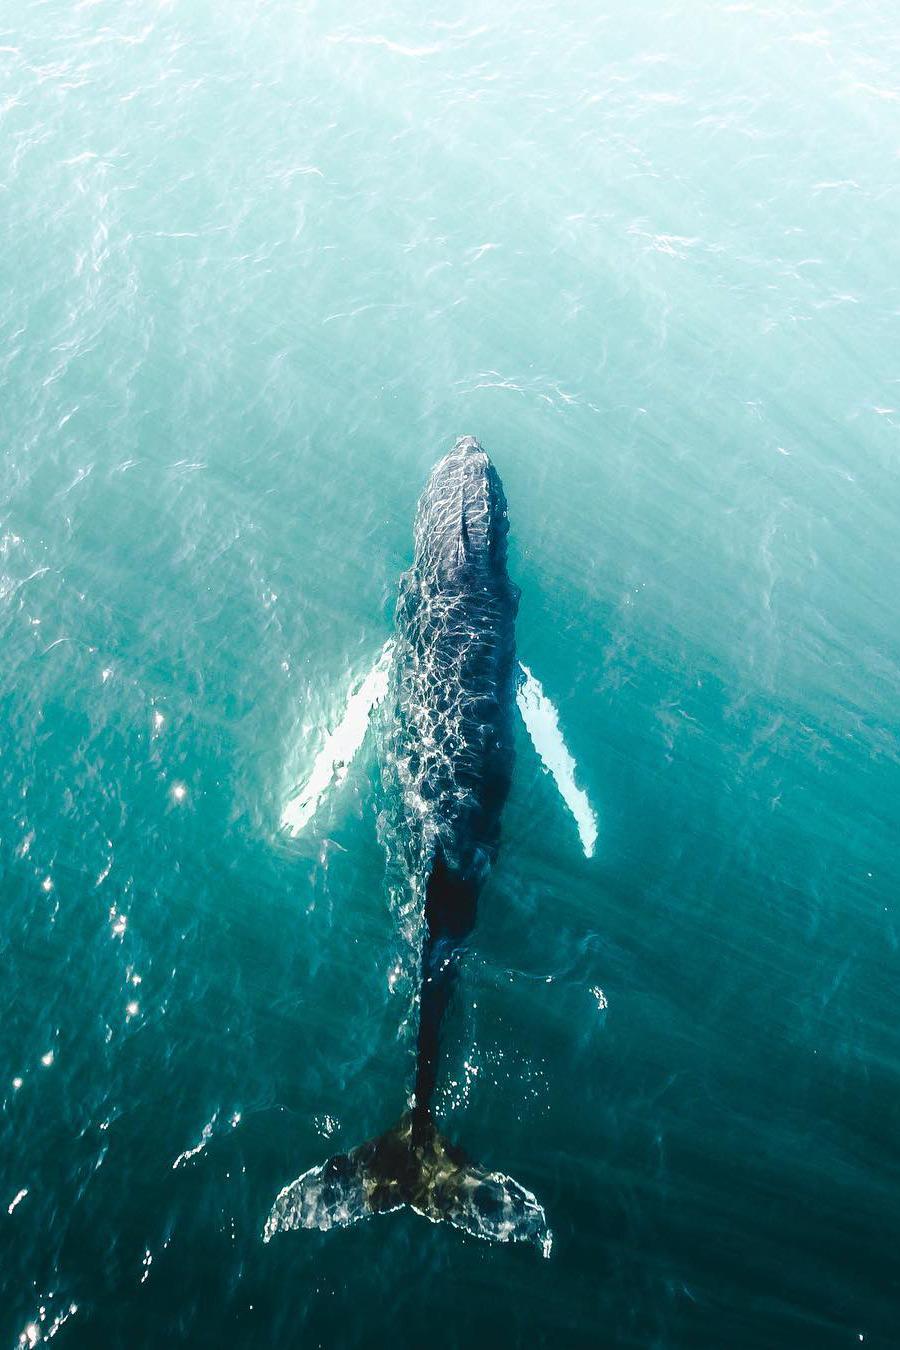 whale@2x.jpg